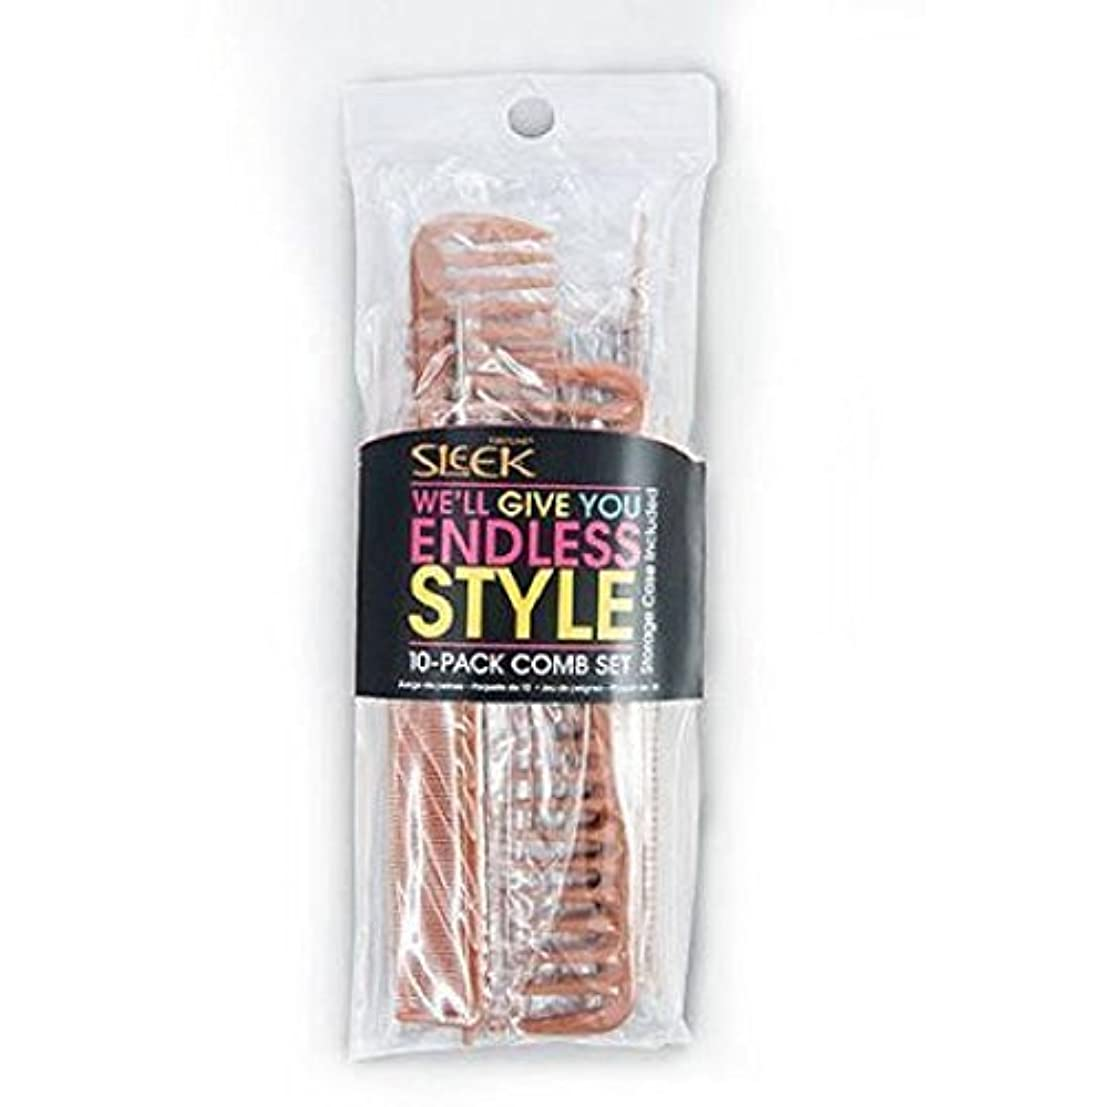 威する効率裂け目Sleek Bone Comb Set, 10 count [並行輸入品]